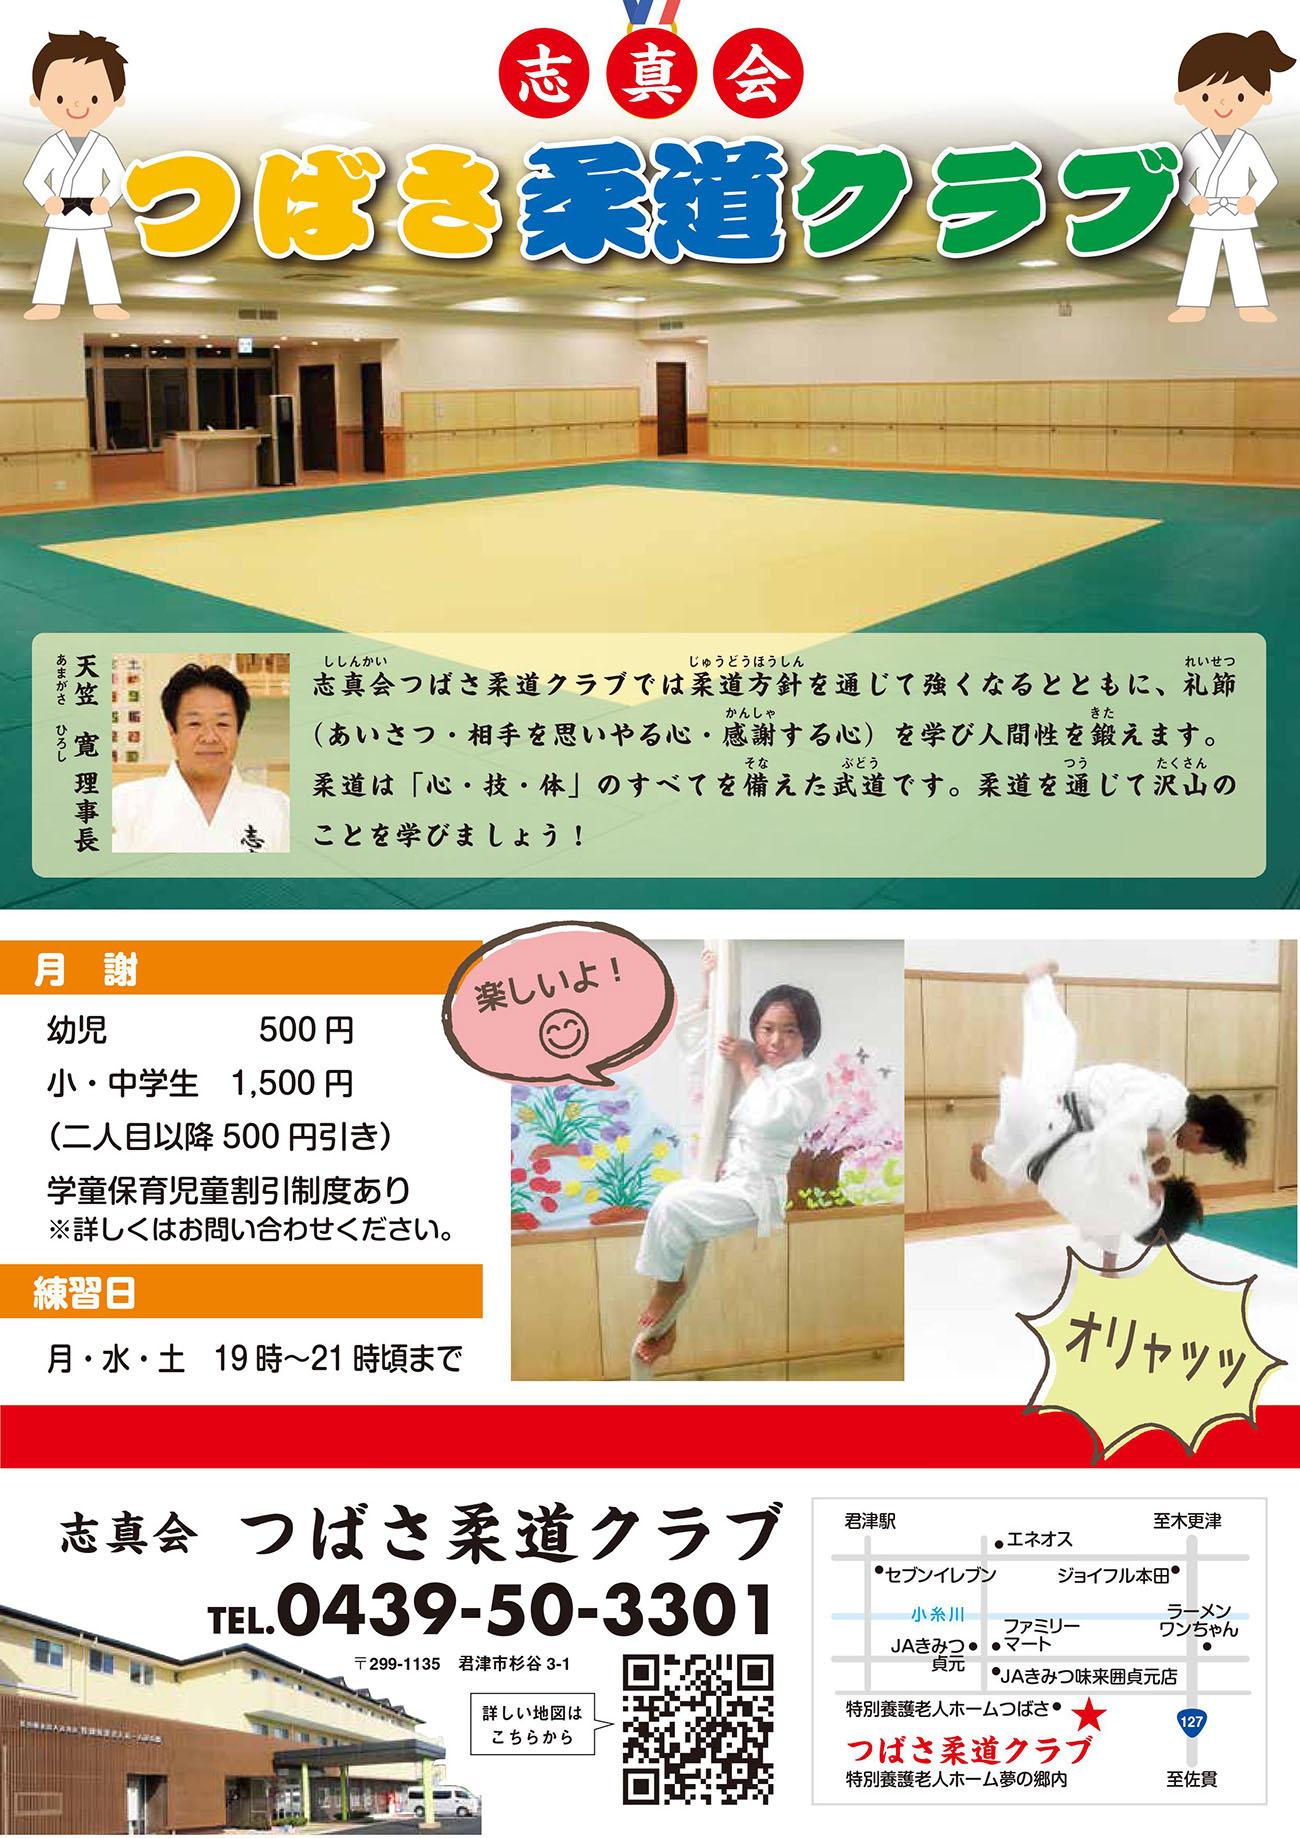 つばさ柔道クラブ